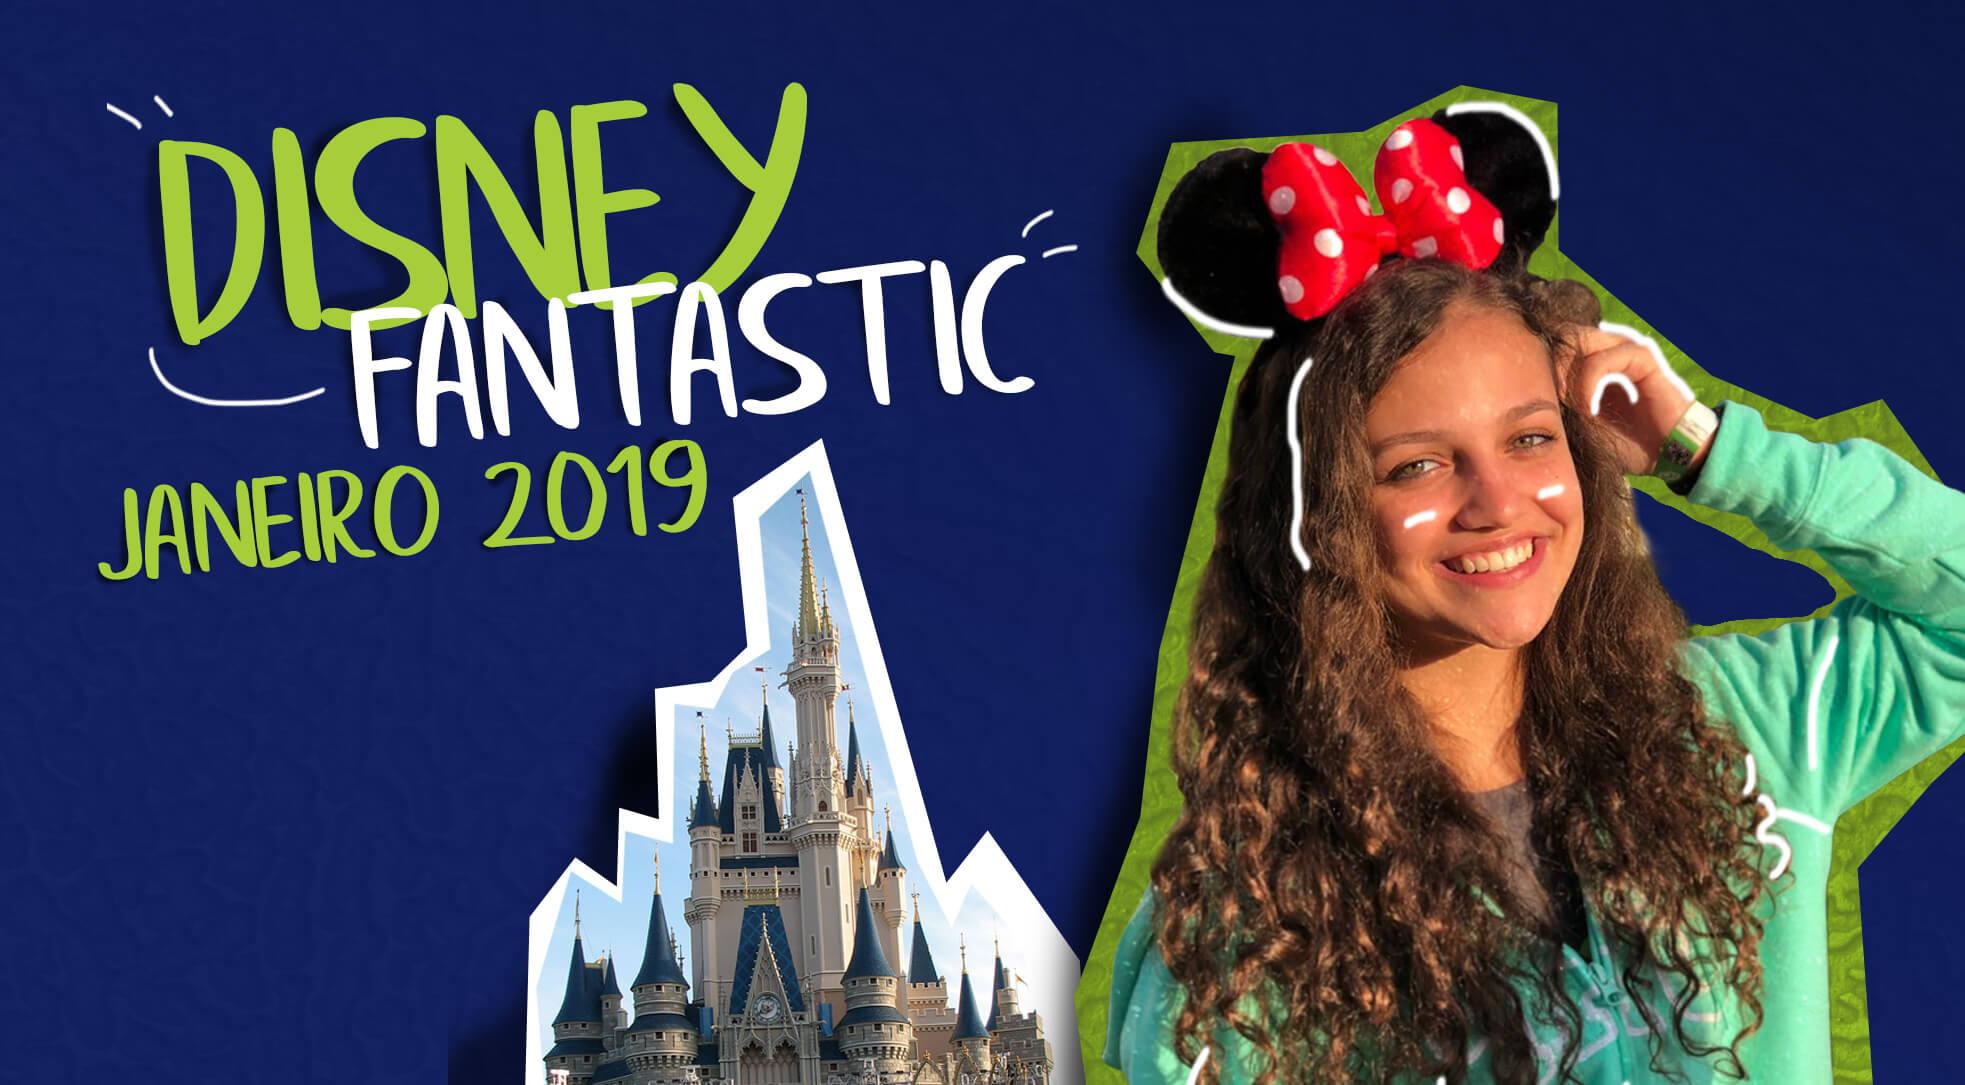 Disney coupons 2019